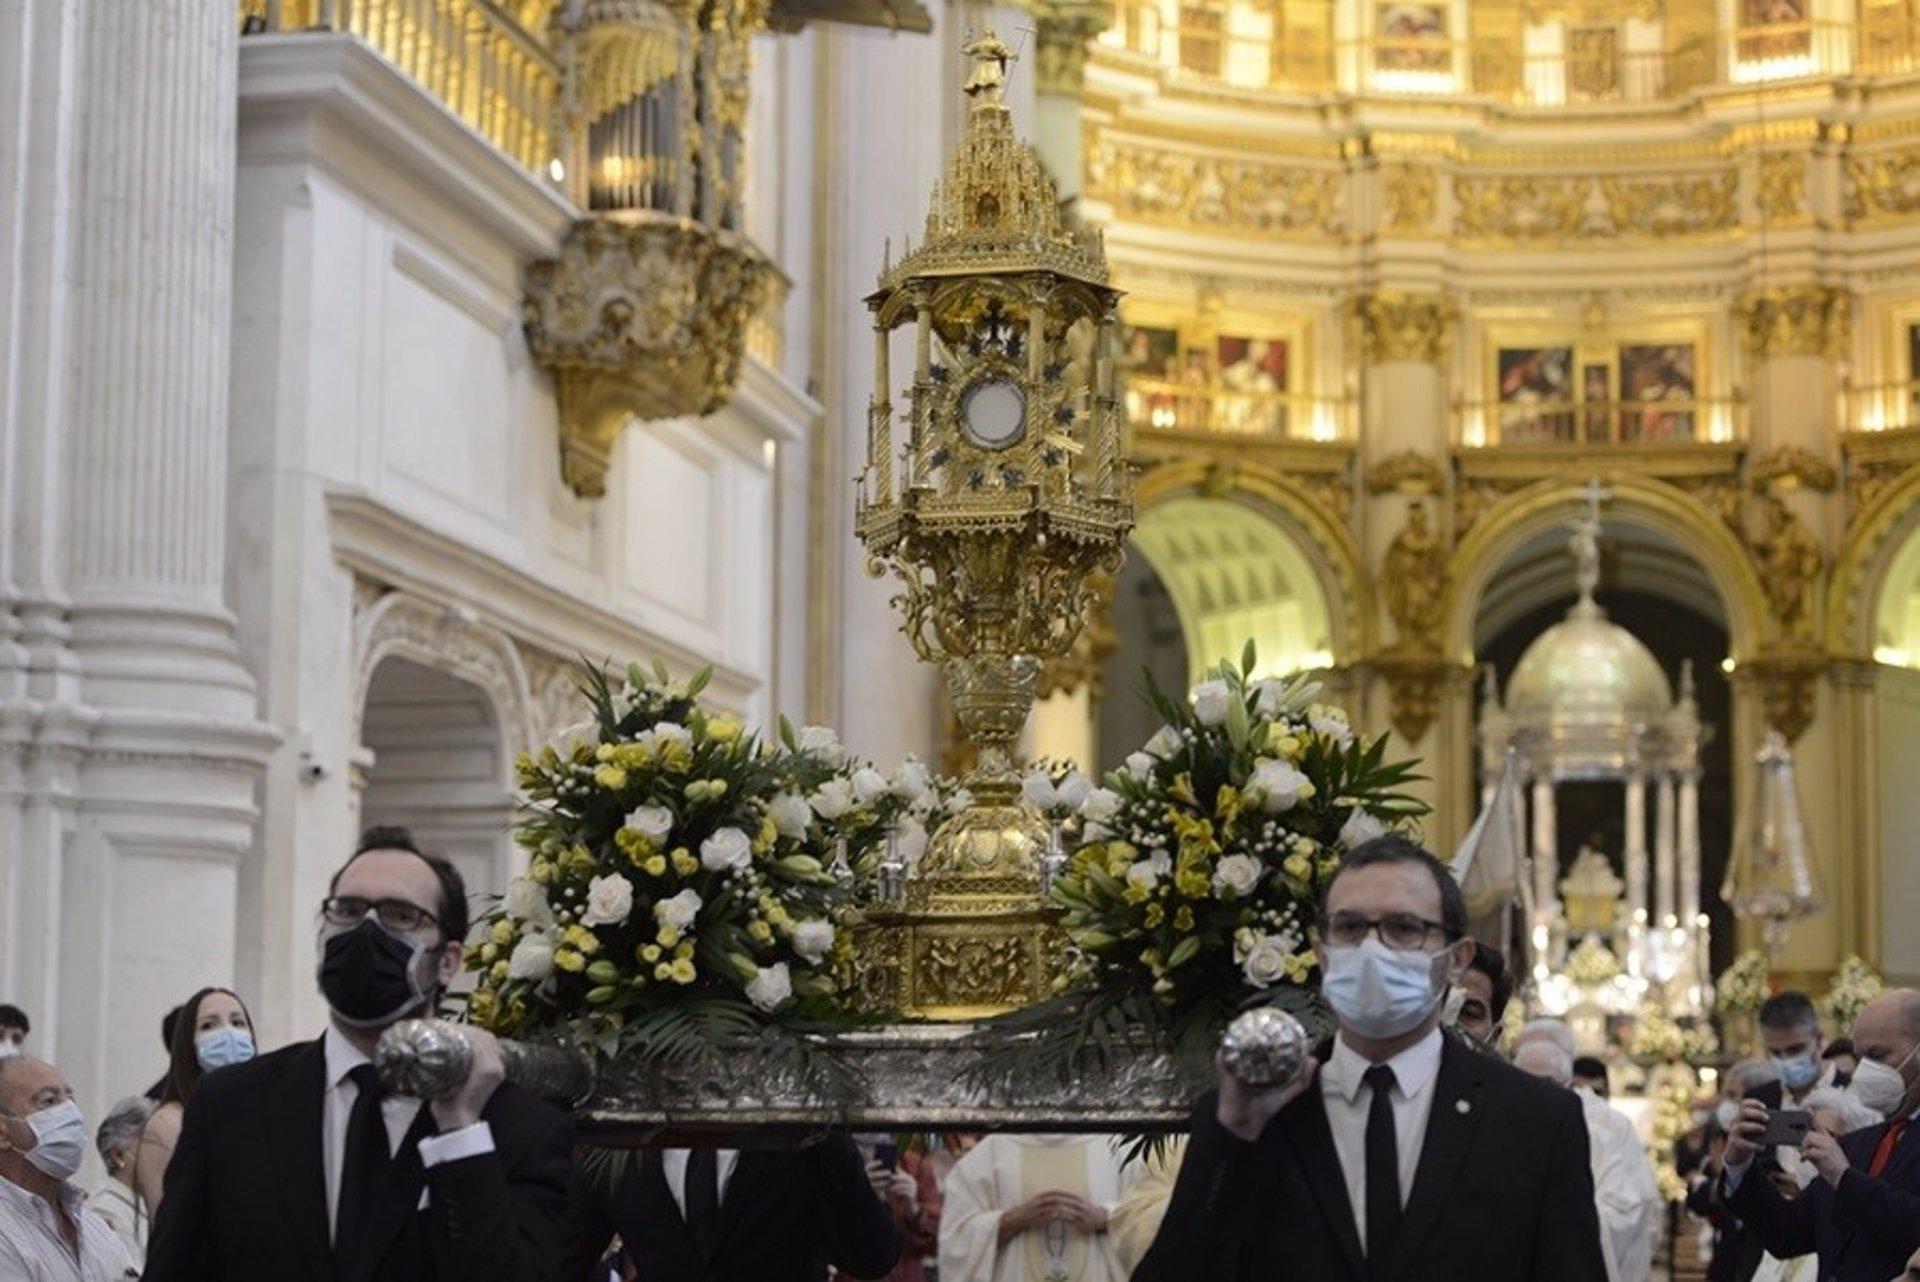 La procesión del Jueves de Corpus se hará este año en el interior de la Catedral como el año pasado